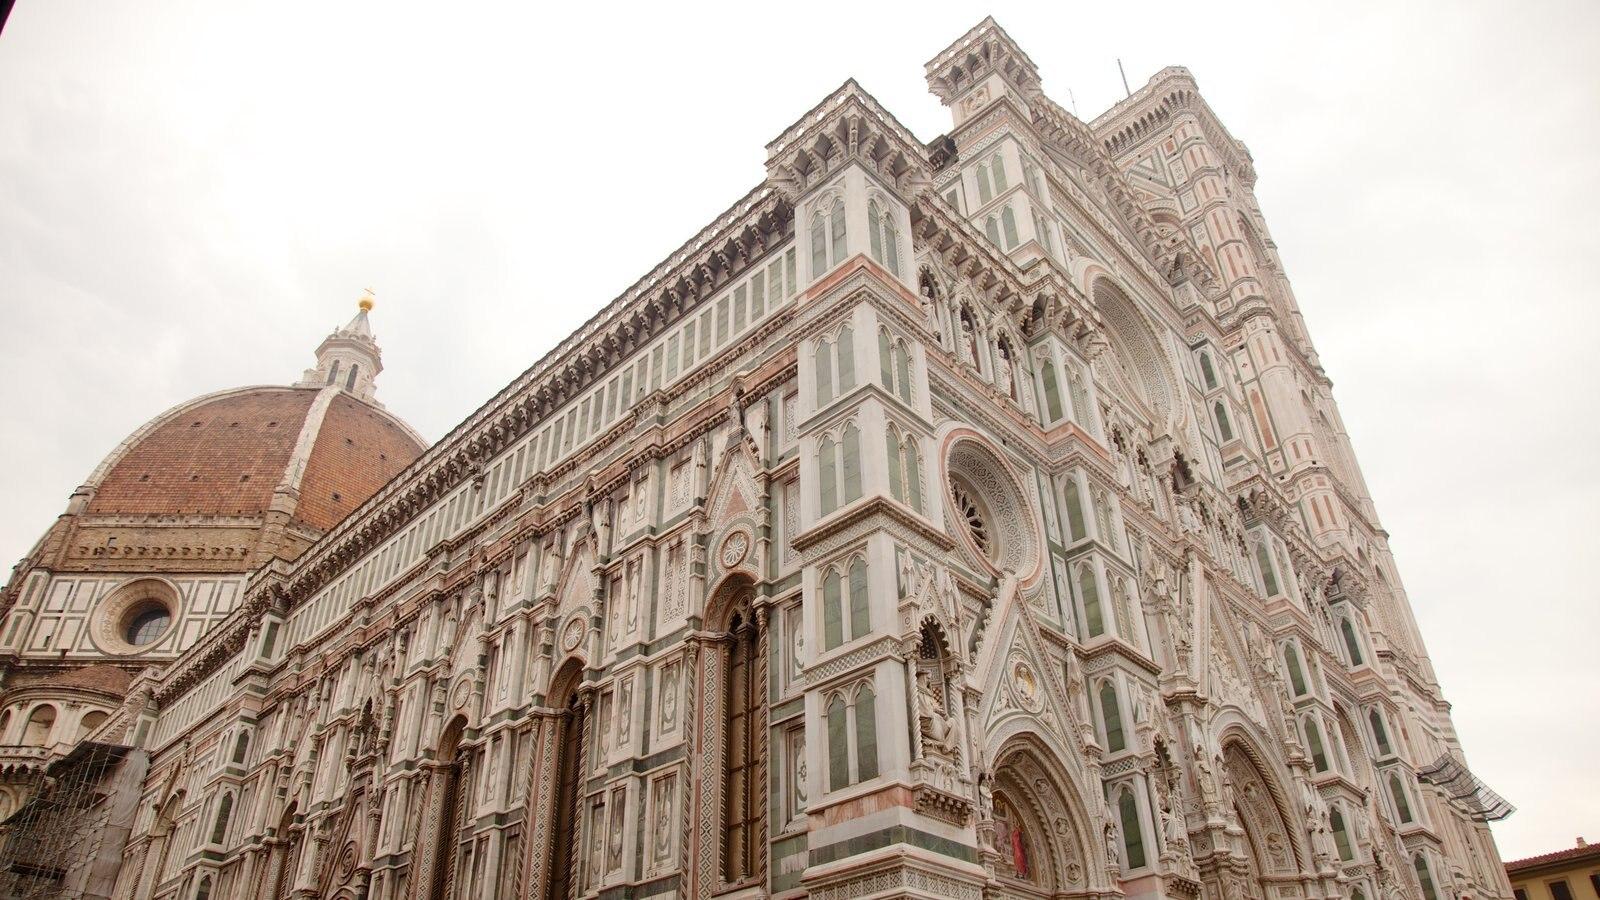 Catedral de Santa Maria del Fiore mostrando arquitetura de patrimônio e uma igreja ou catedral